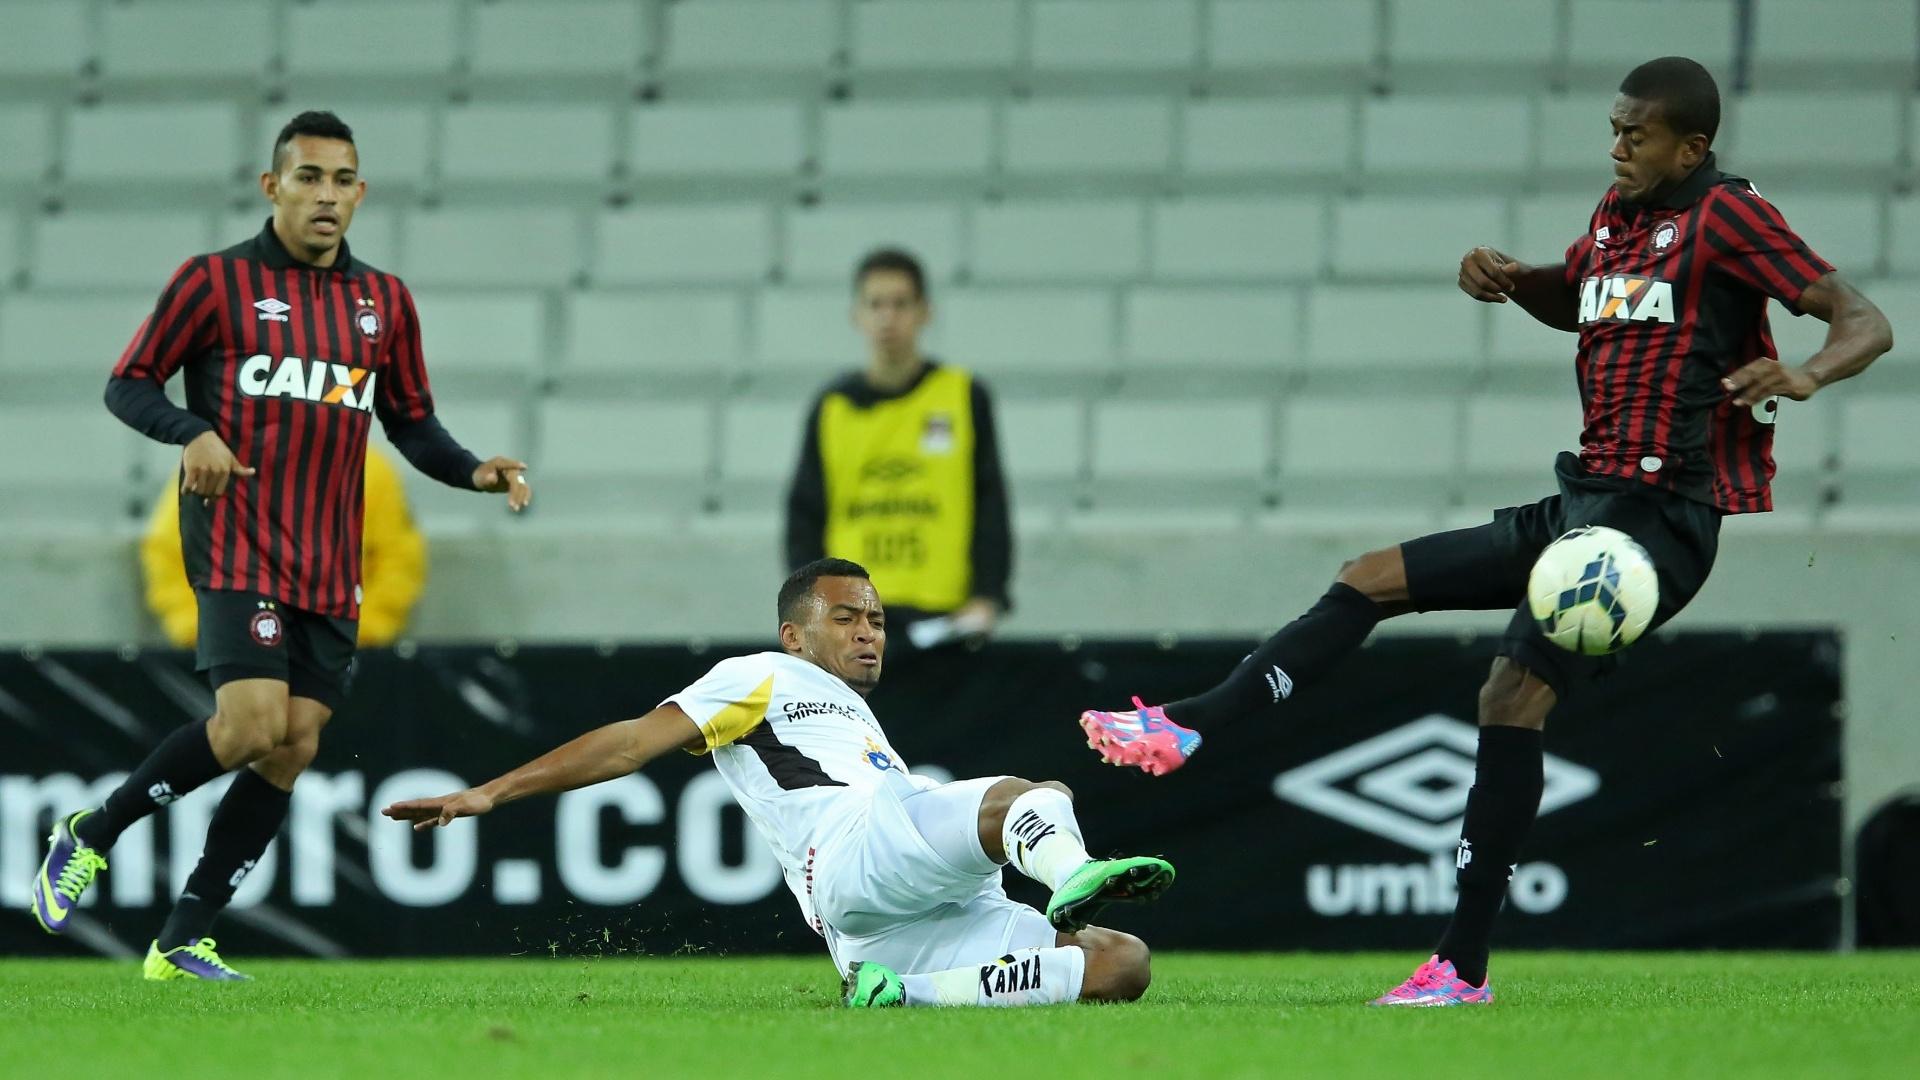 João Vitor, do Criciúma, divide lance com Marcelo durante jogo contra o Atlético-PR